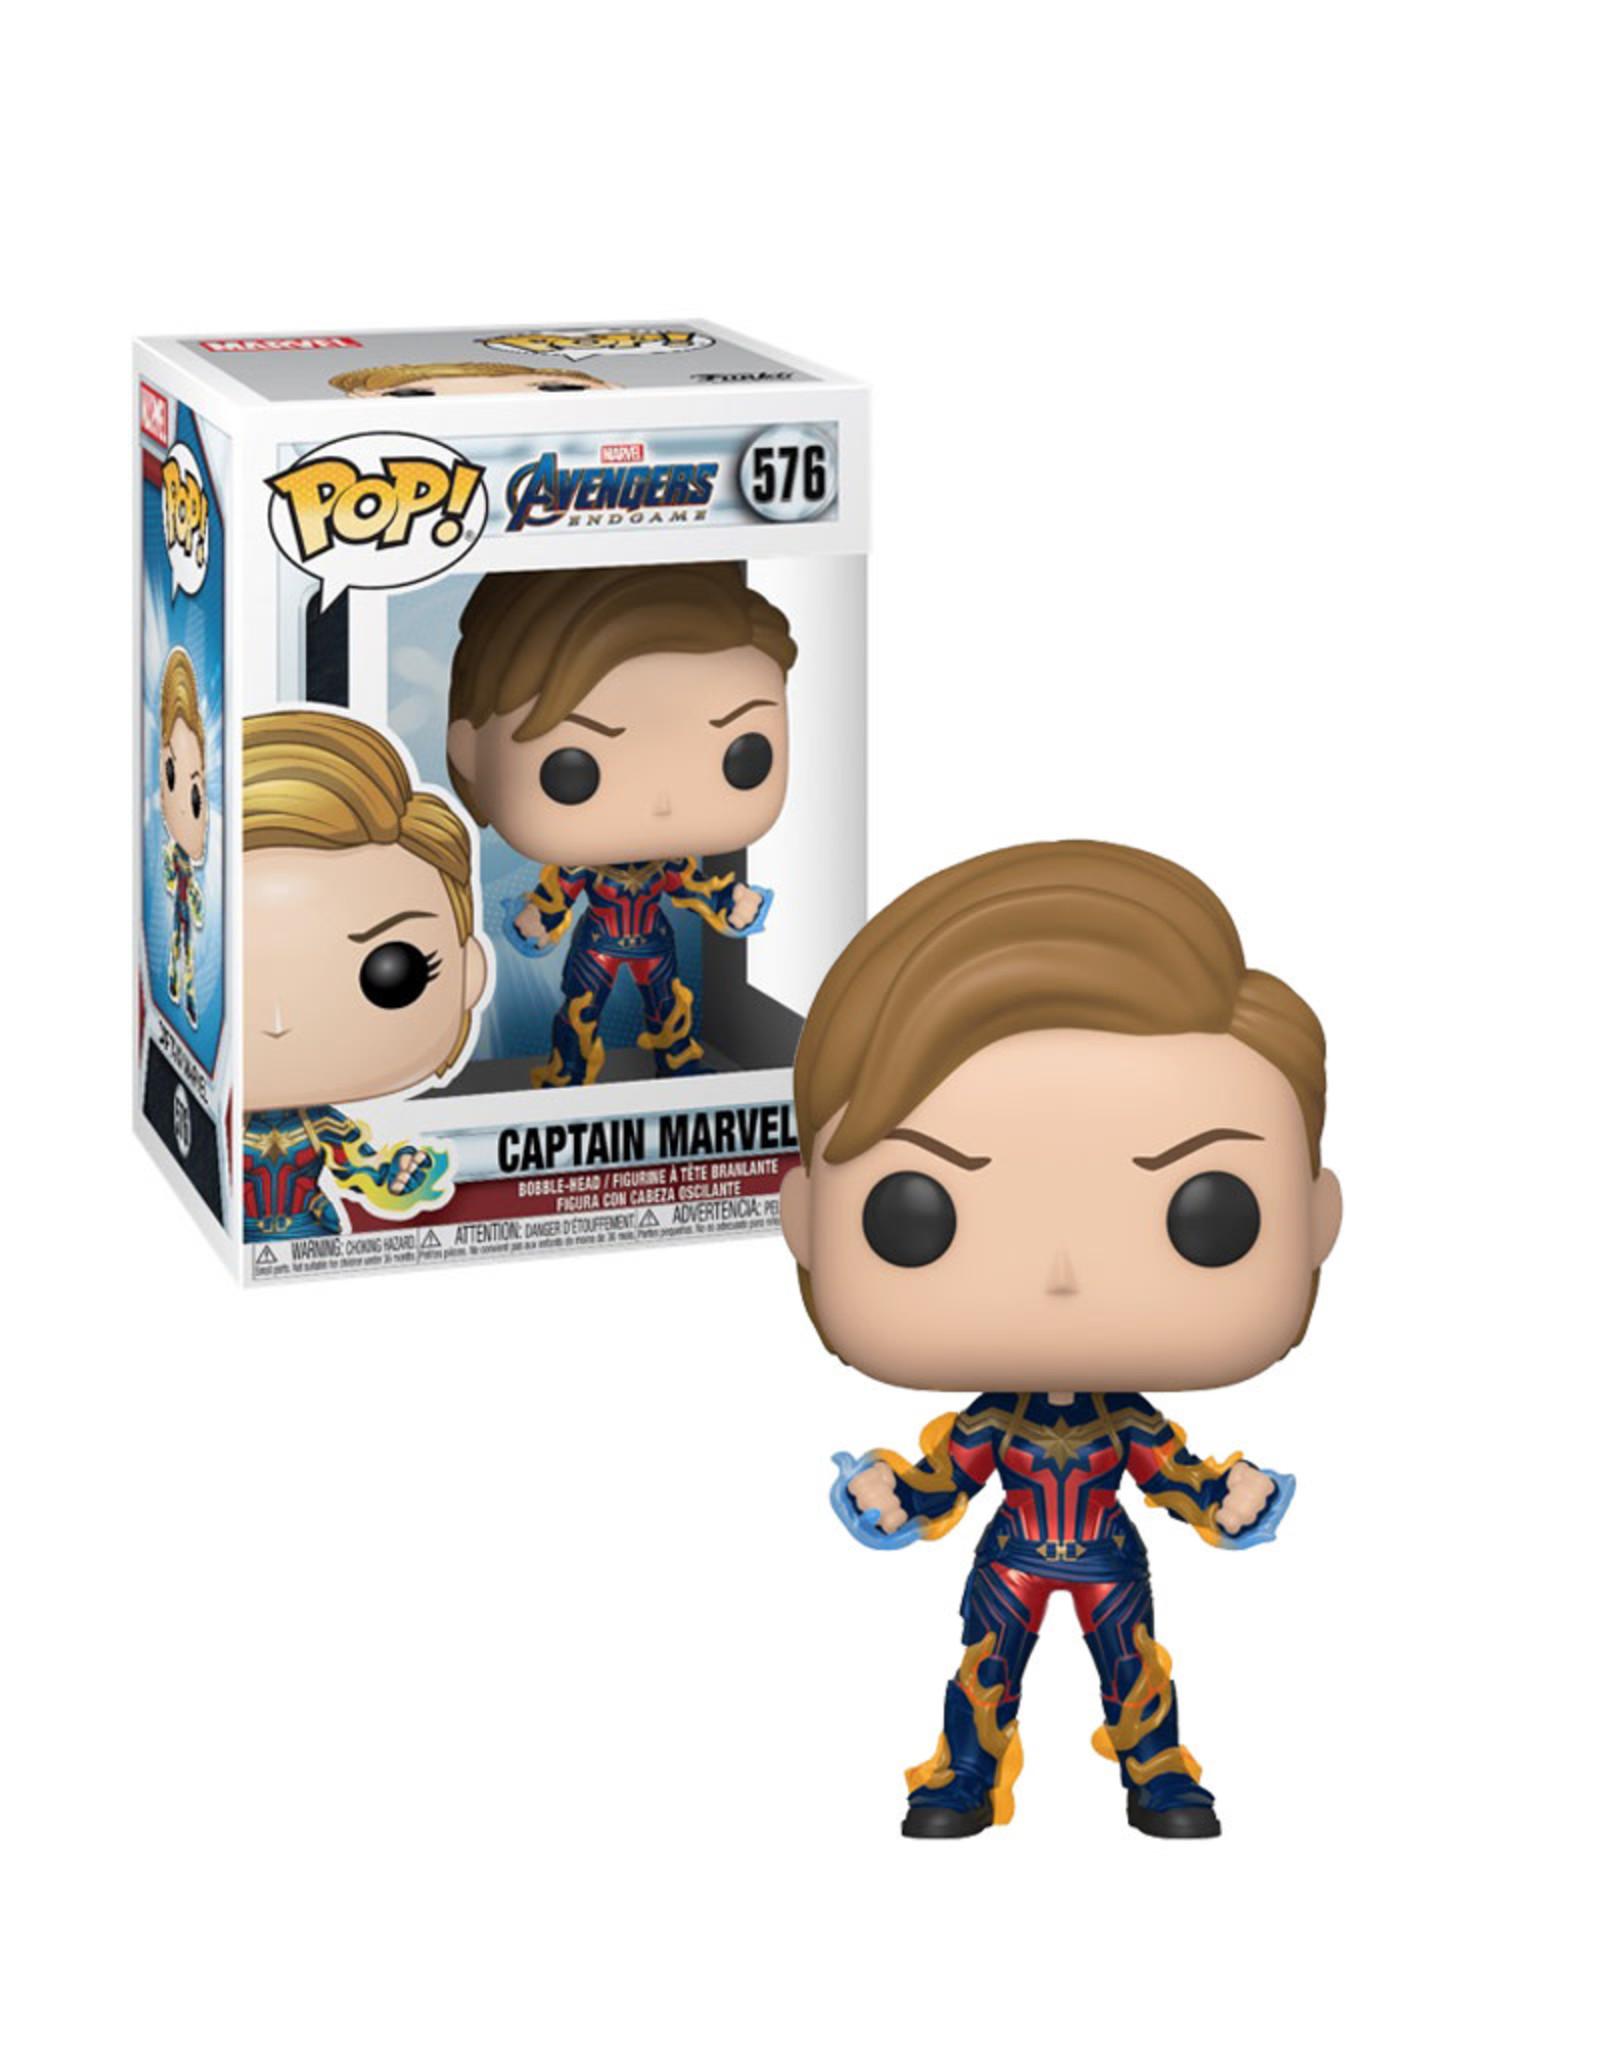 Marvel Captain Marvel 576 ( Funko Pop ) Avengers End Games